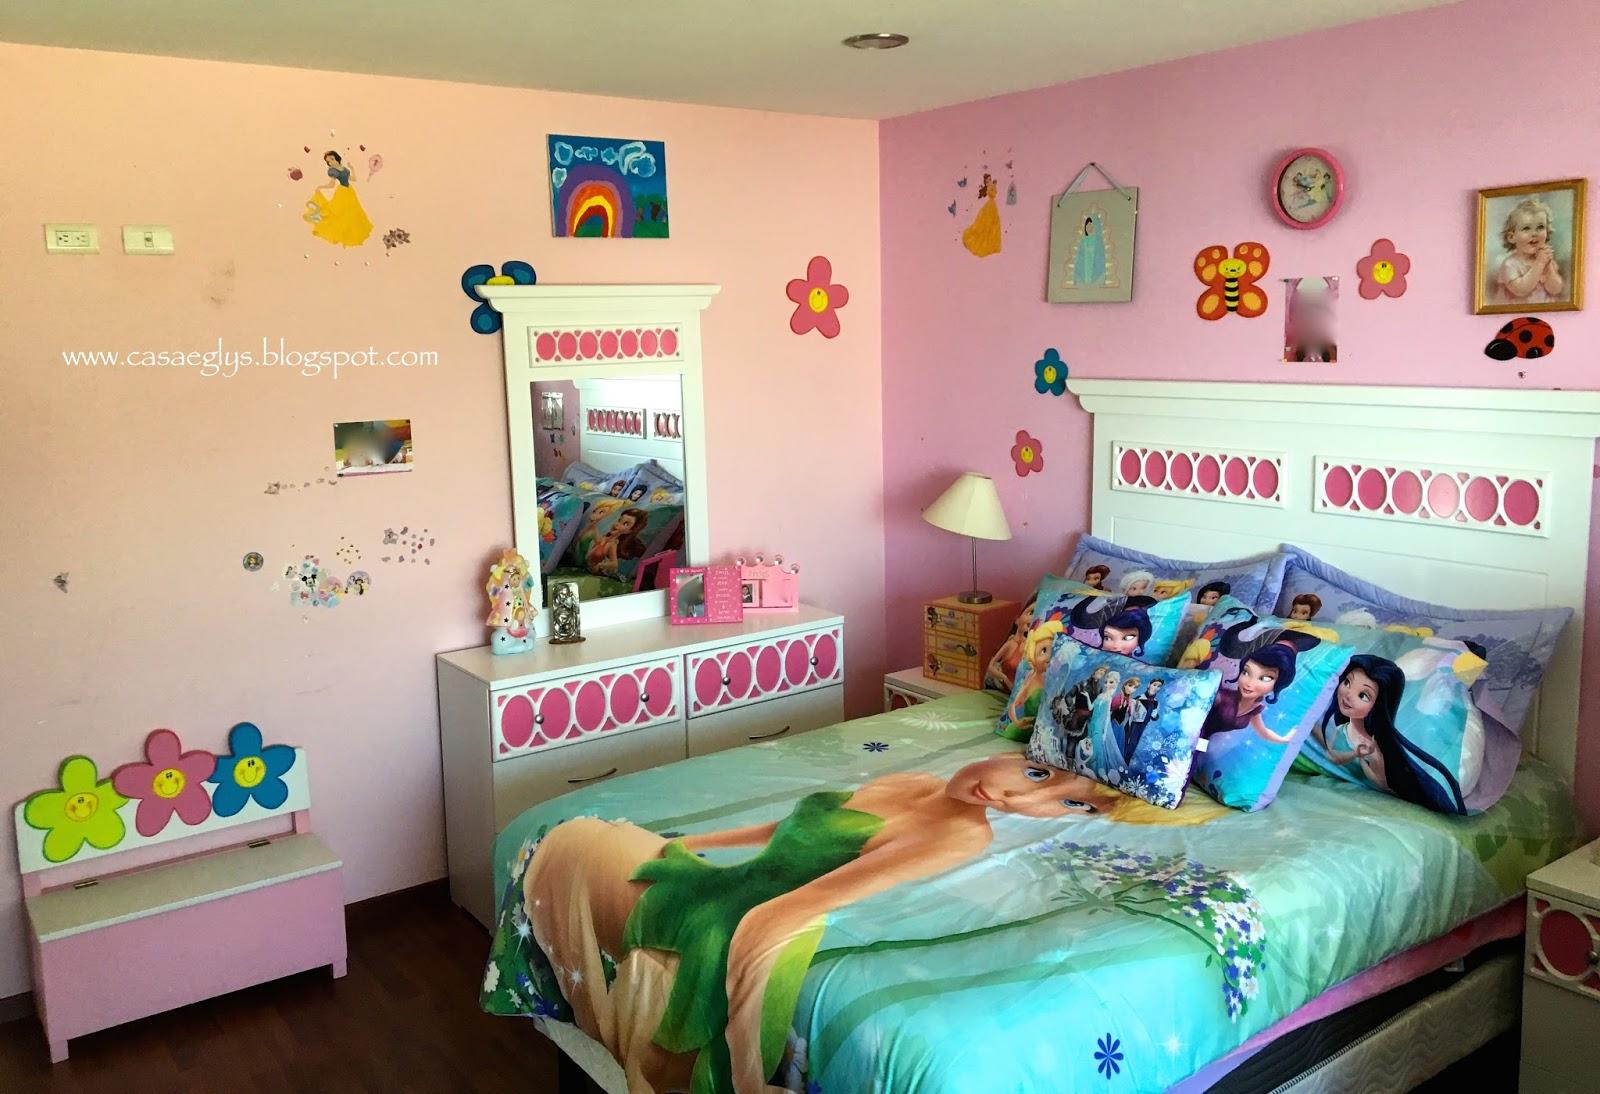 Casa eglys organizaci n segundo proyecto de - Habitaciones de juguetes ...